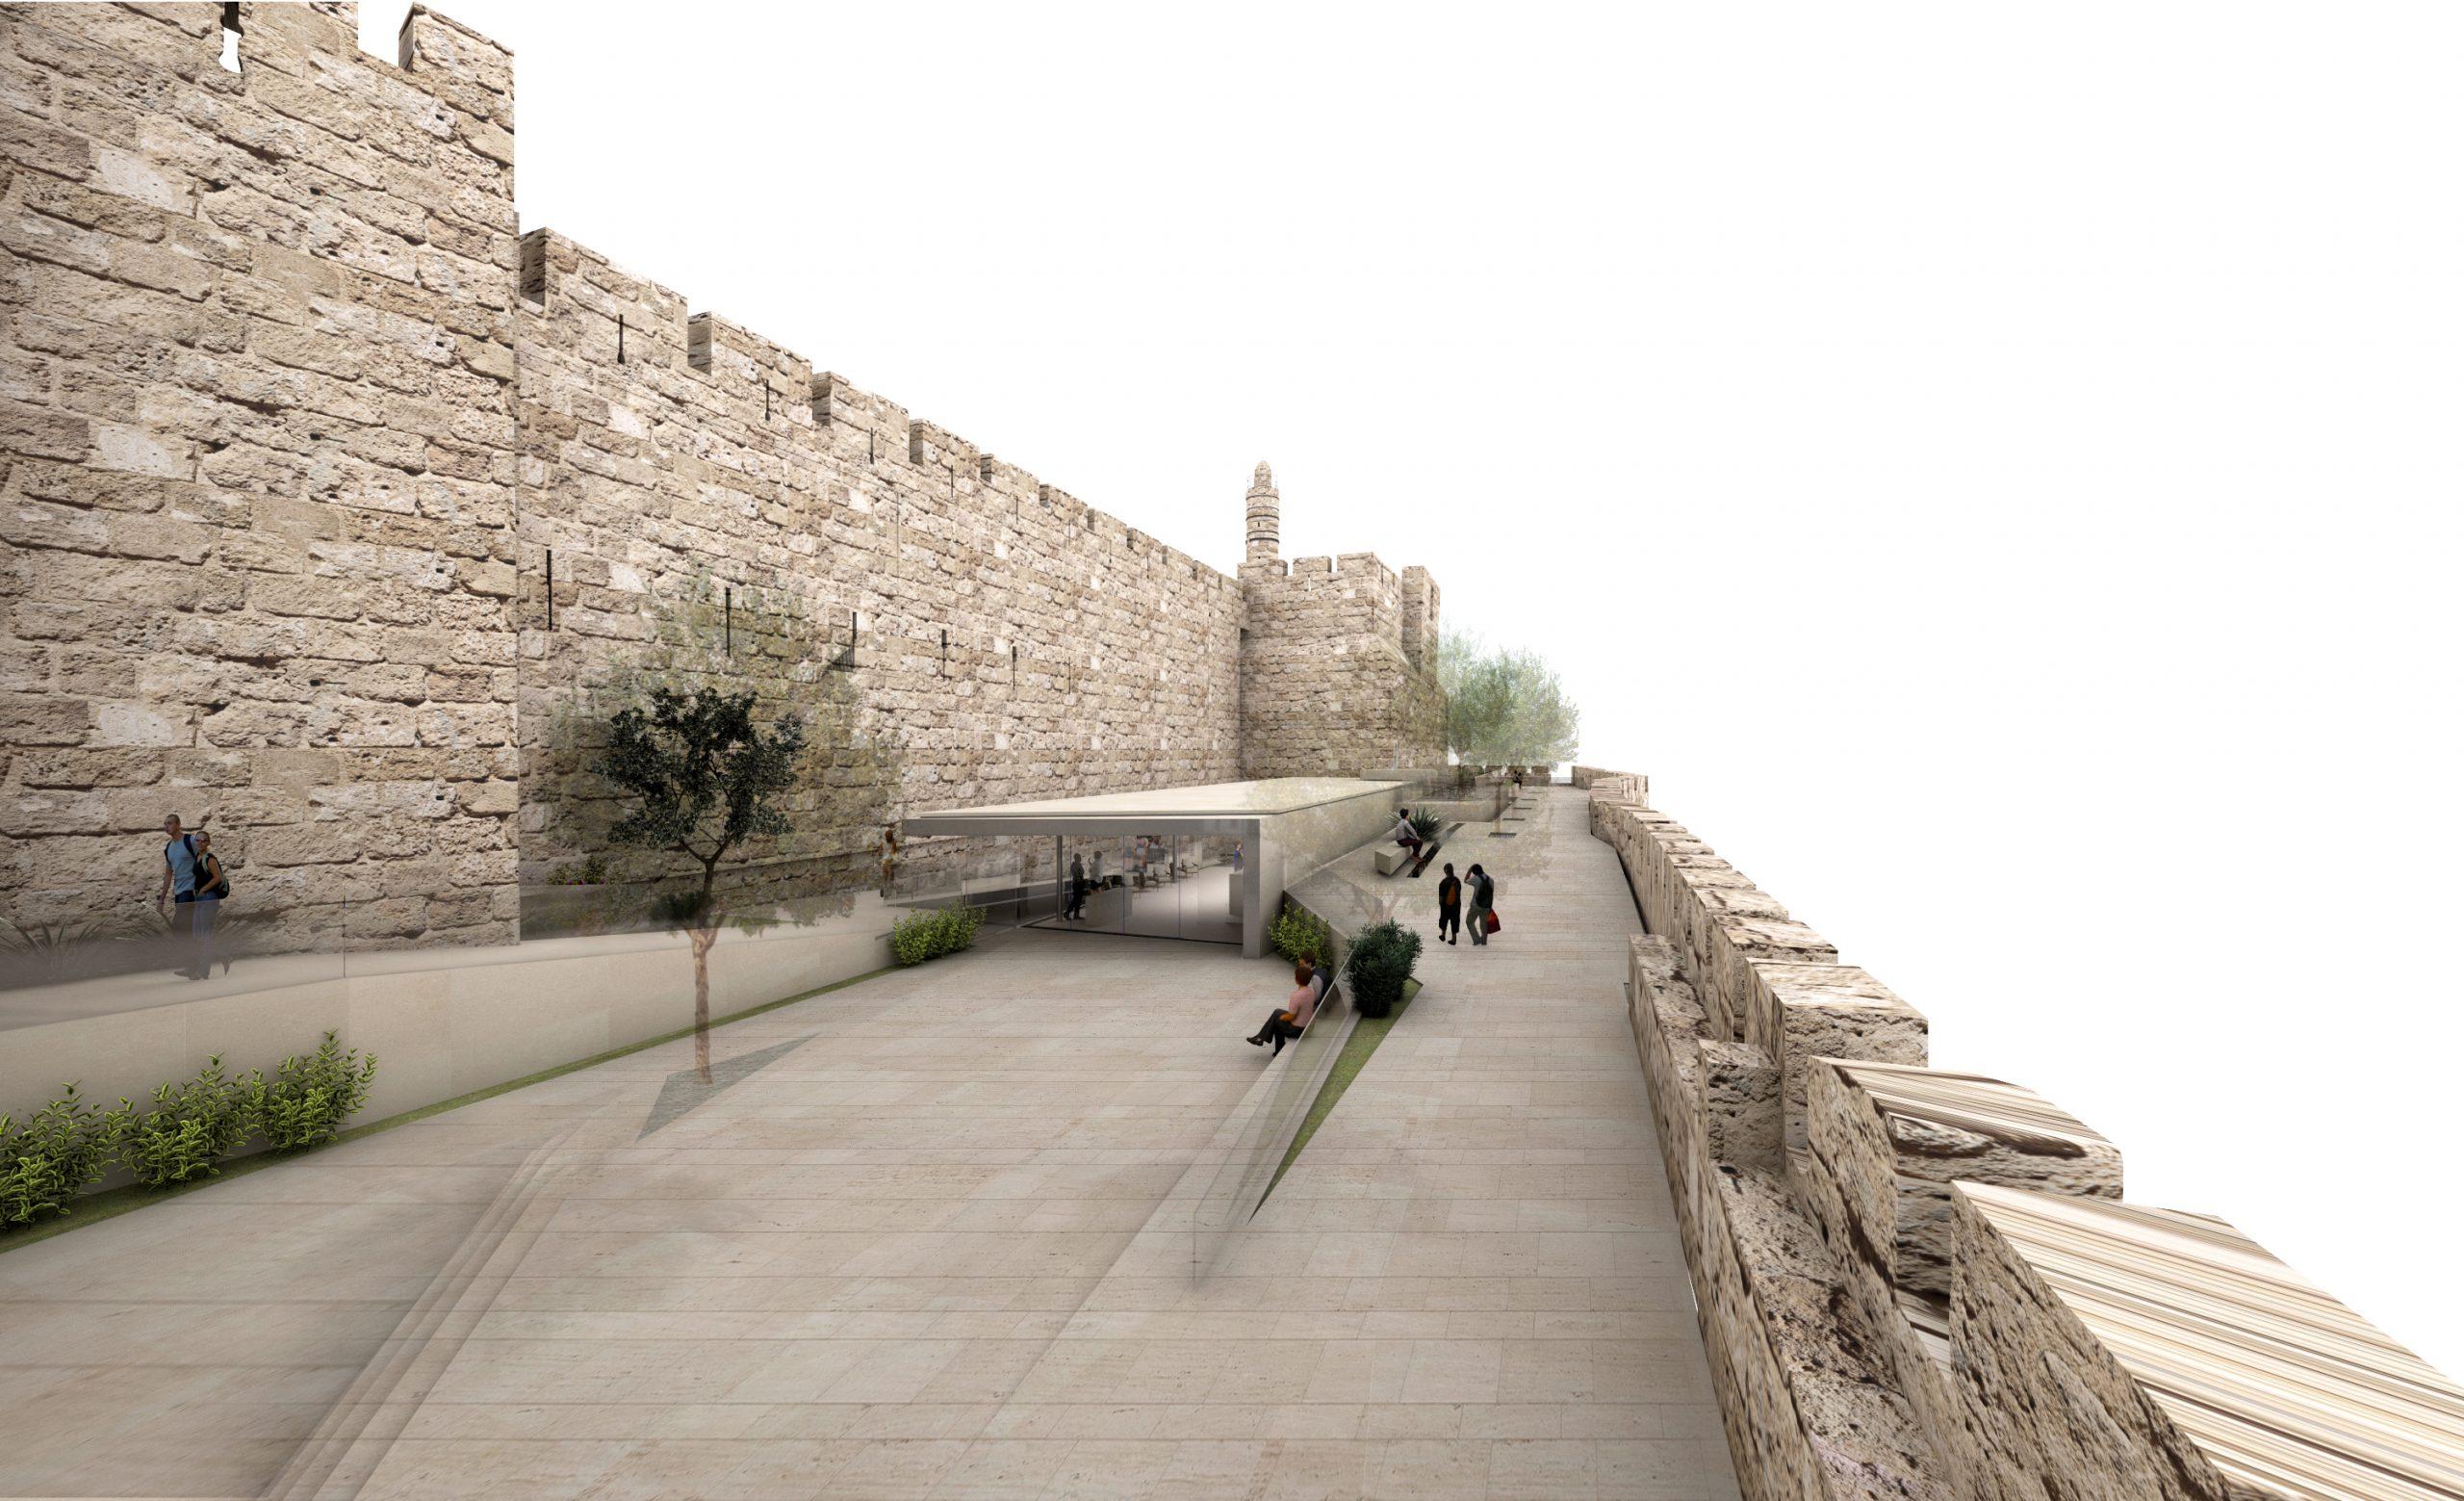 Иерусалим: новый вход в музей «Башня Давида»: архитектурный проект Kimmel Eshkolot. Предоставлено пресс-службой музея